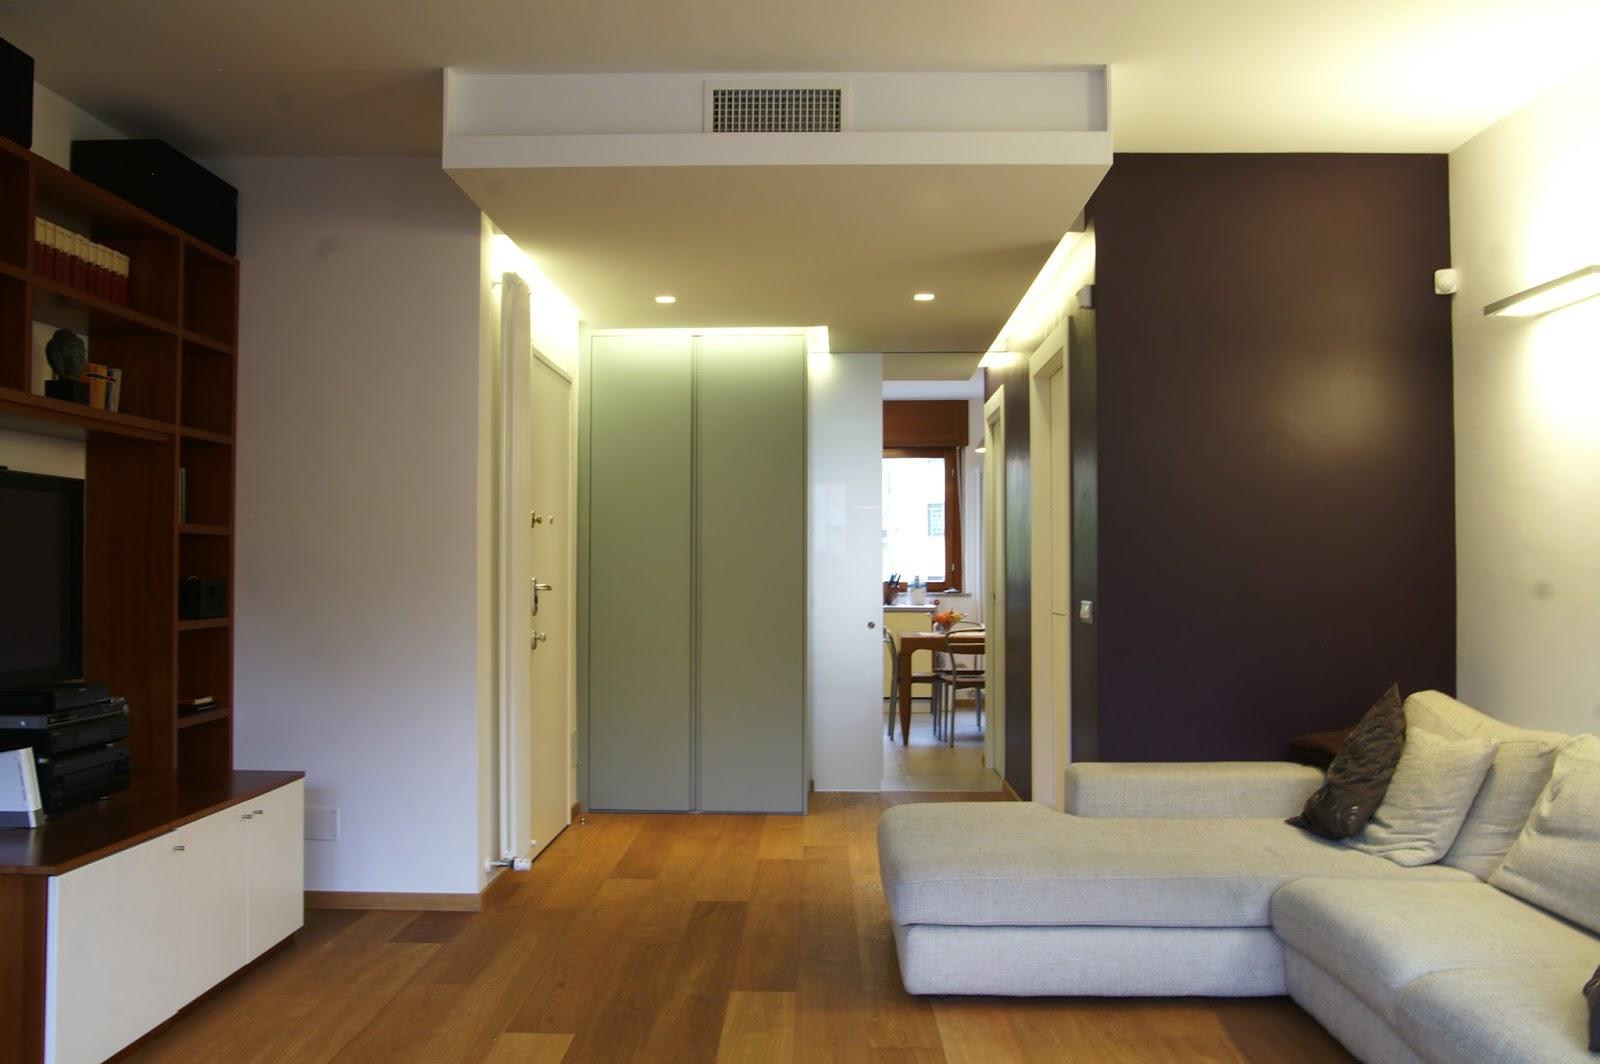 Illuminazione led casa illuminazione a torino ristrutturando un appartamento - Illuminazione led casa ...